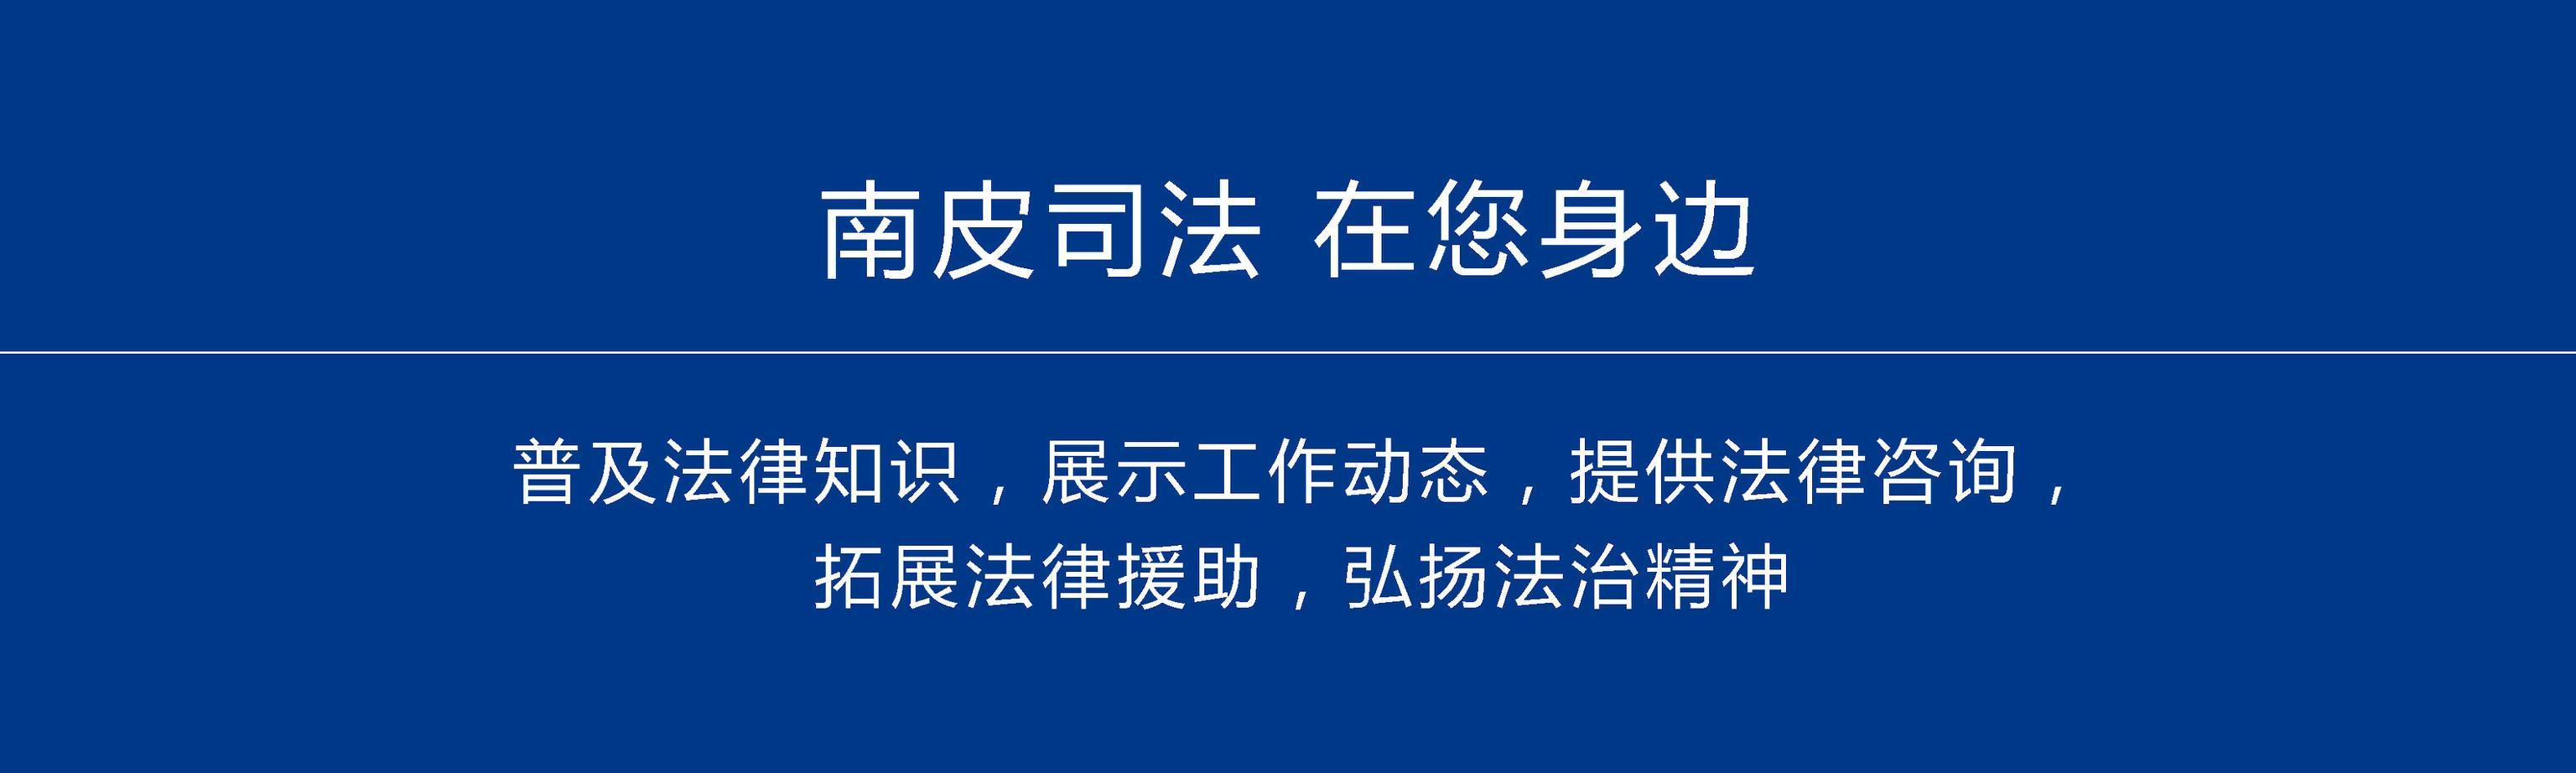 """【法治新闻】湖南新晃""""操场埋尸案""""彻底查清!对19名失职渎职公职人员作出严肃处理。"""